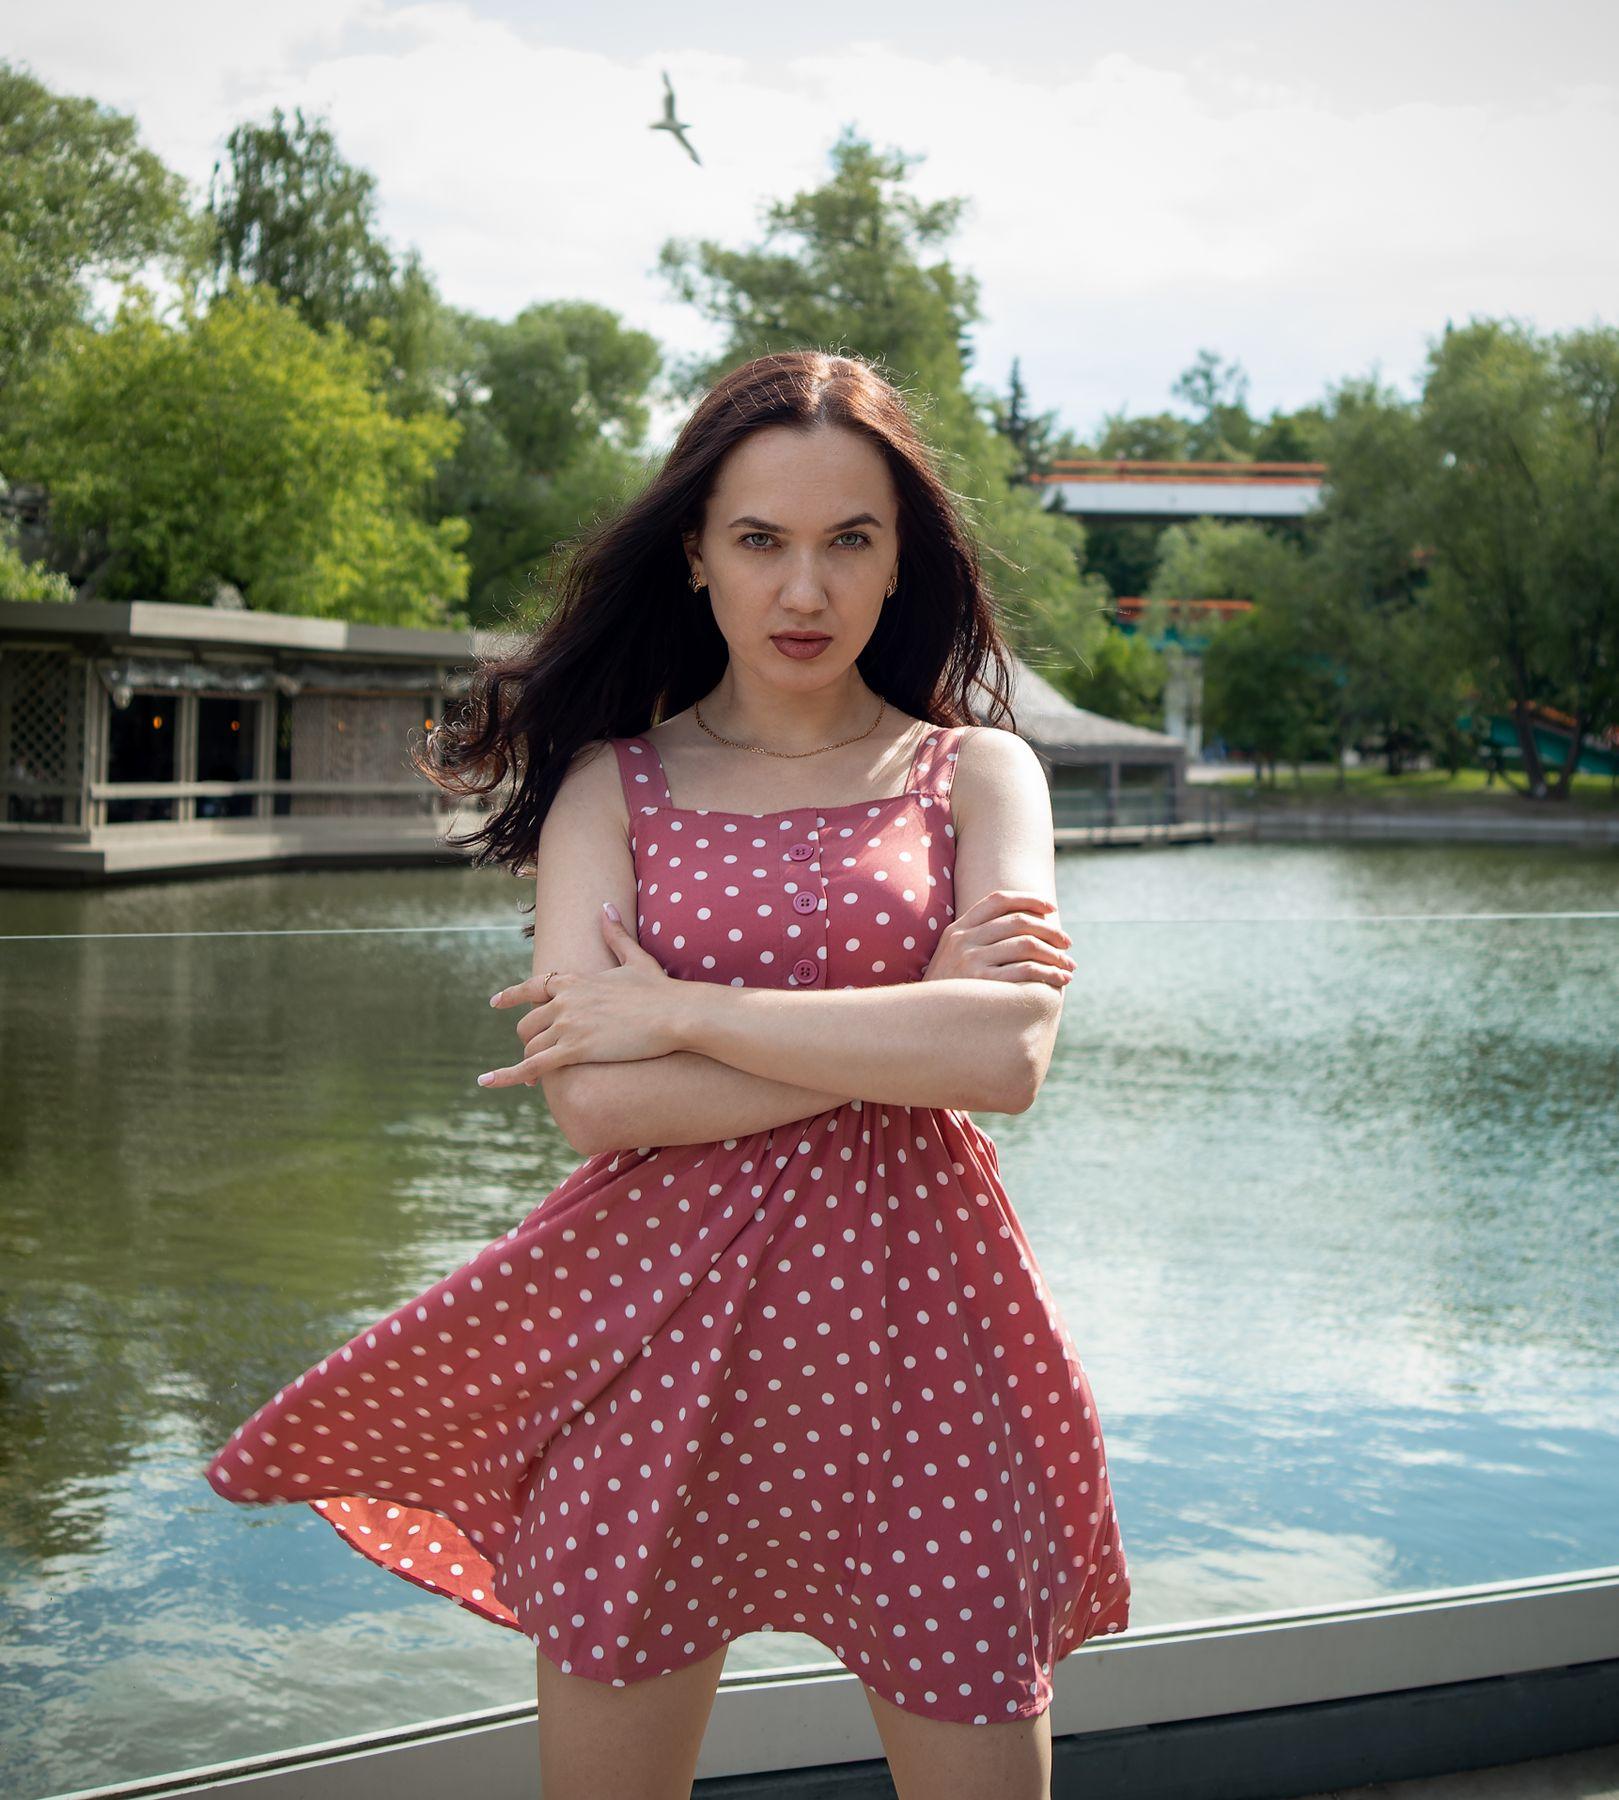 Кристина Стрит красивая девушка женский портрет фотосессия концептуальное